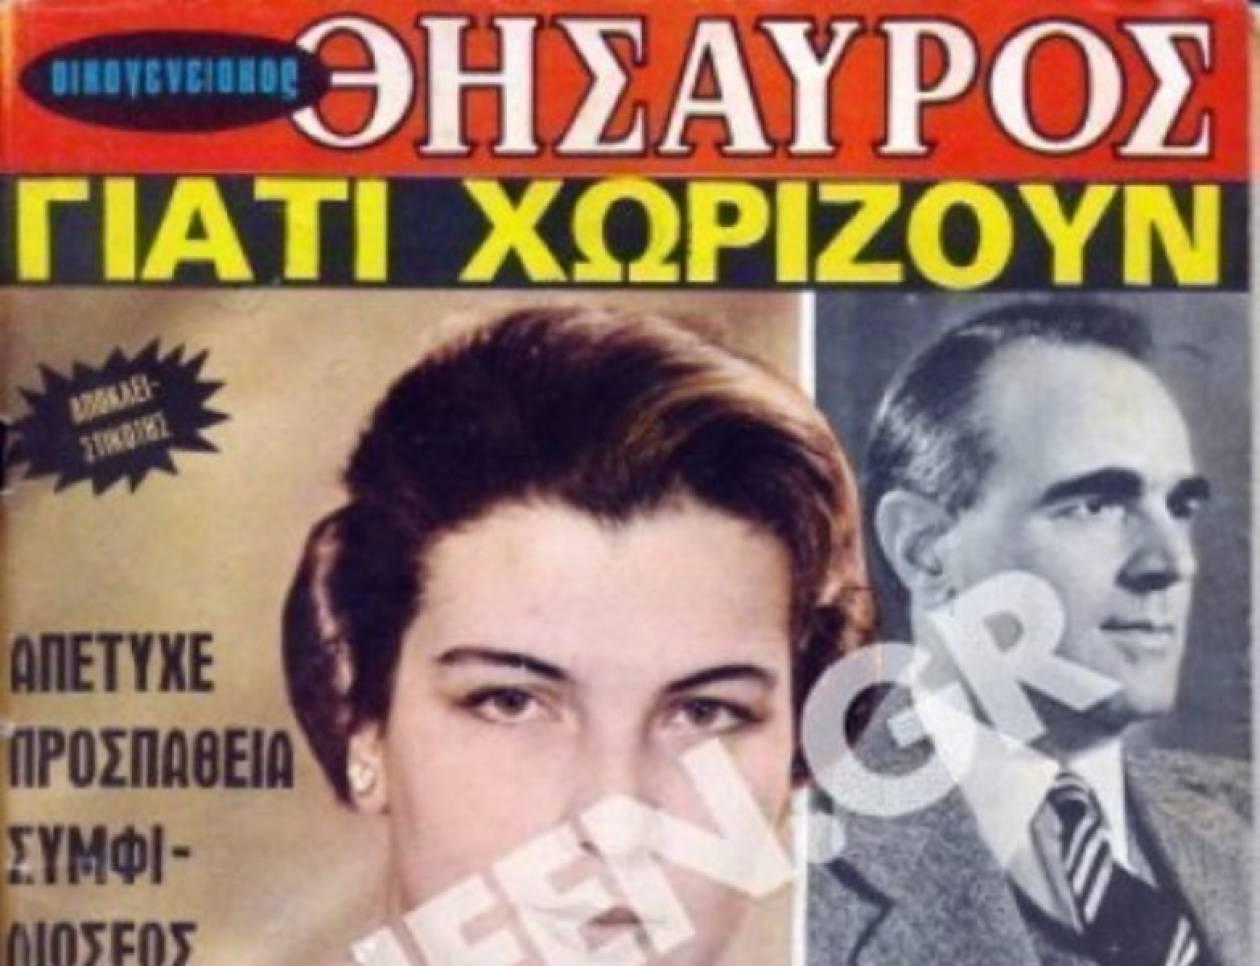 Το διαζύγιο του Κων/νου Καραμανλή που συντάραξε την κοσμική Αθήνα